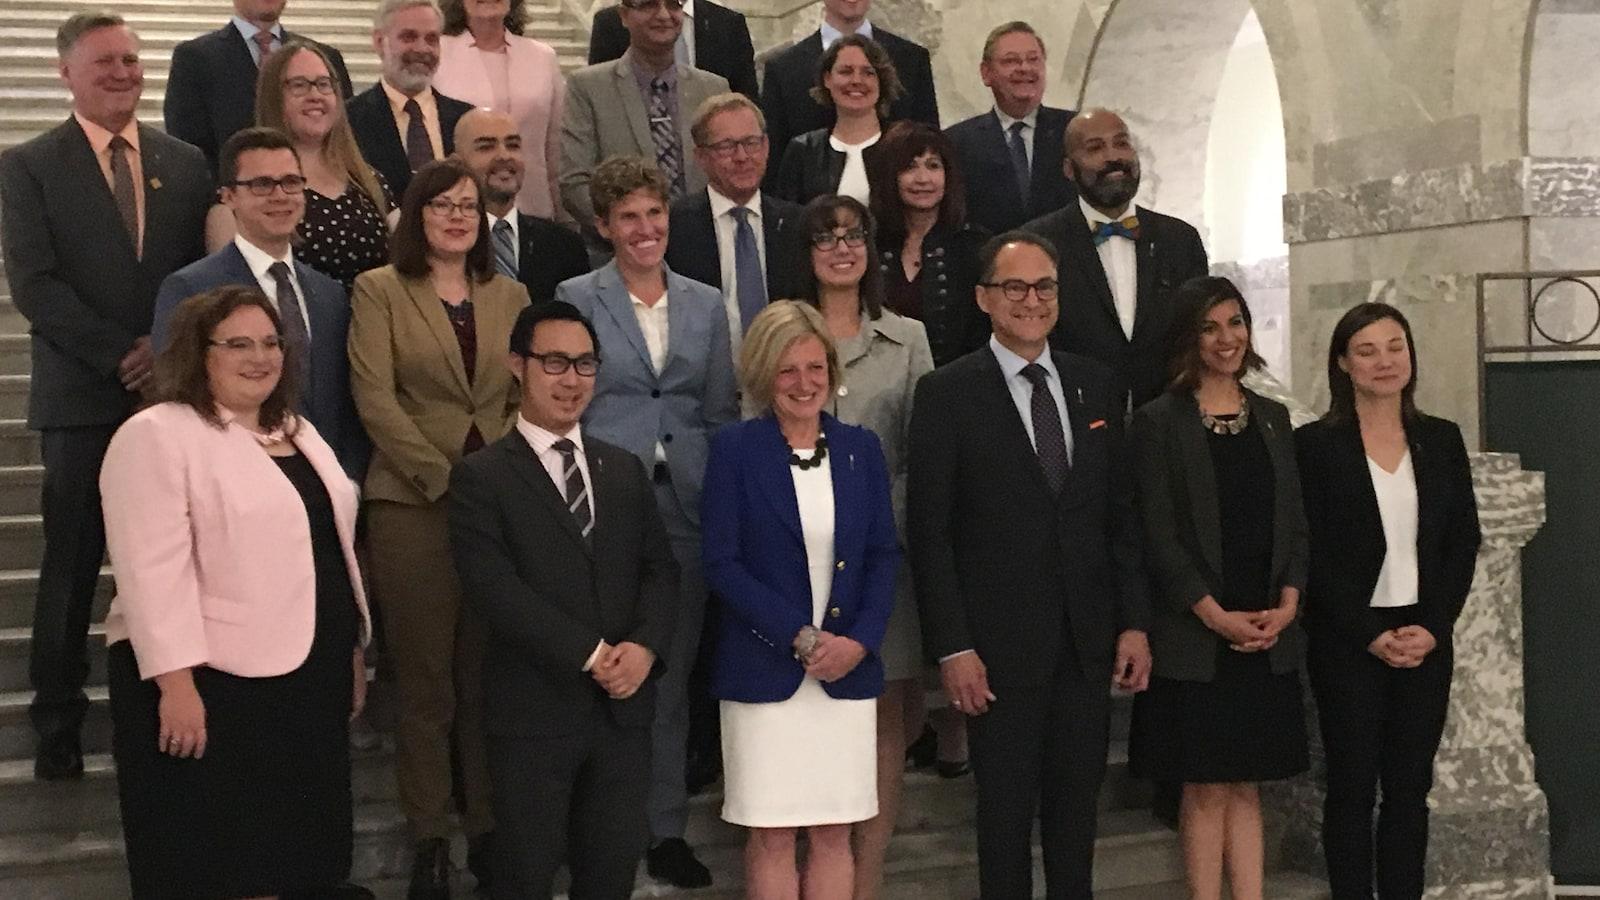 Tous les députés sont debout dans les marches de l'Assemblée législative. Rachel Notley est au milieu.